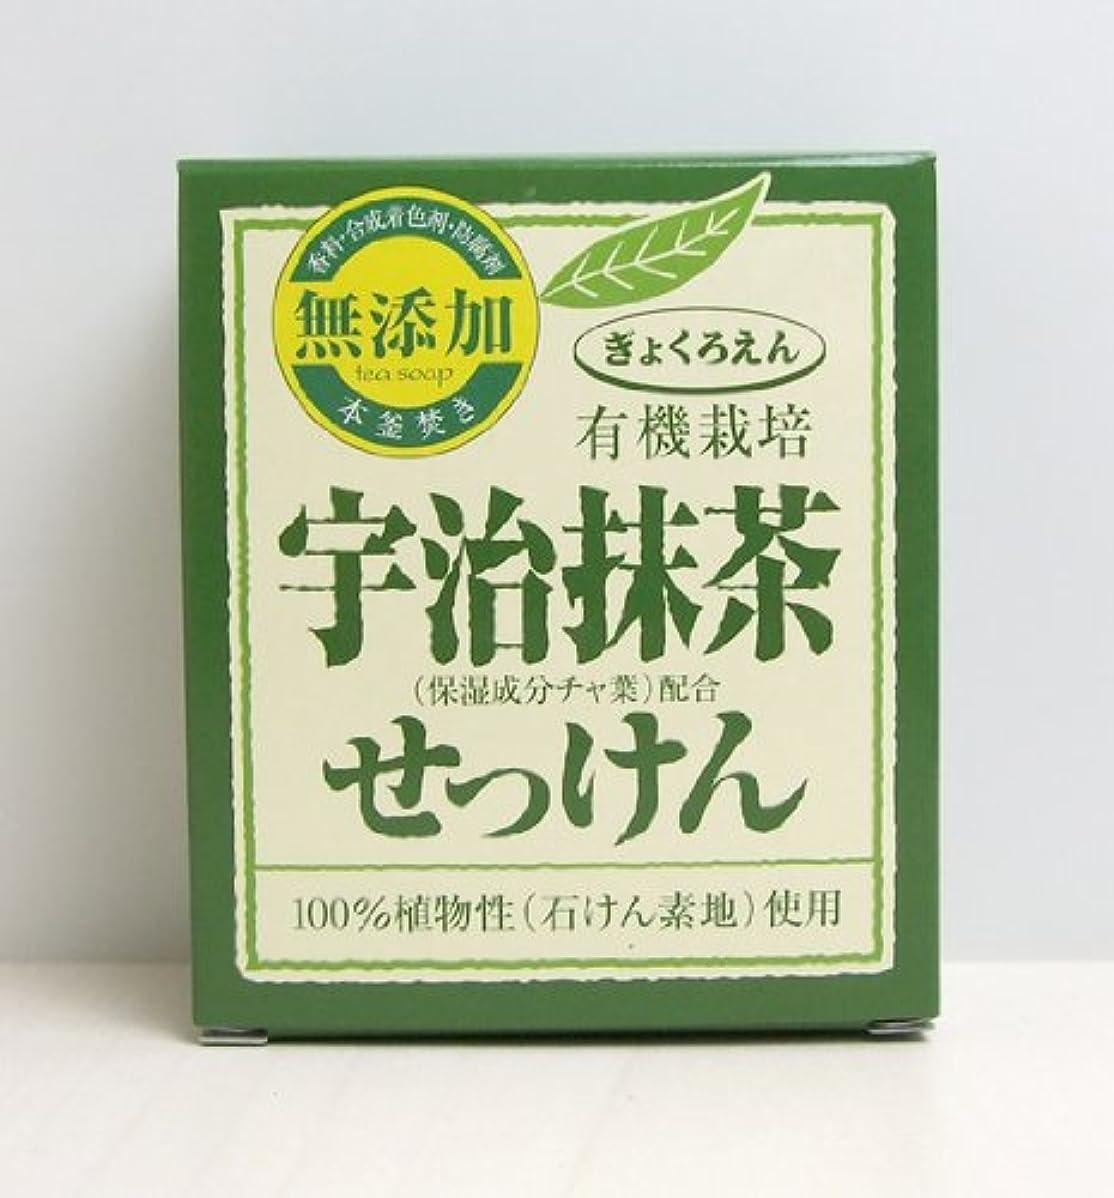 する飲料人質お茶のせっけん:有機栽培宇治抹茶せっけん